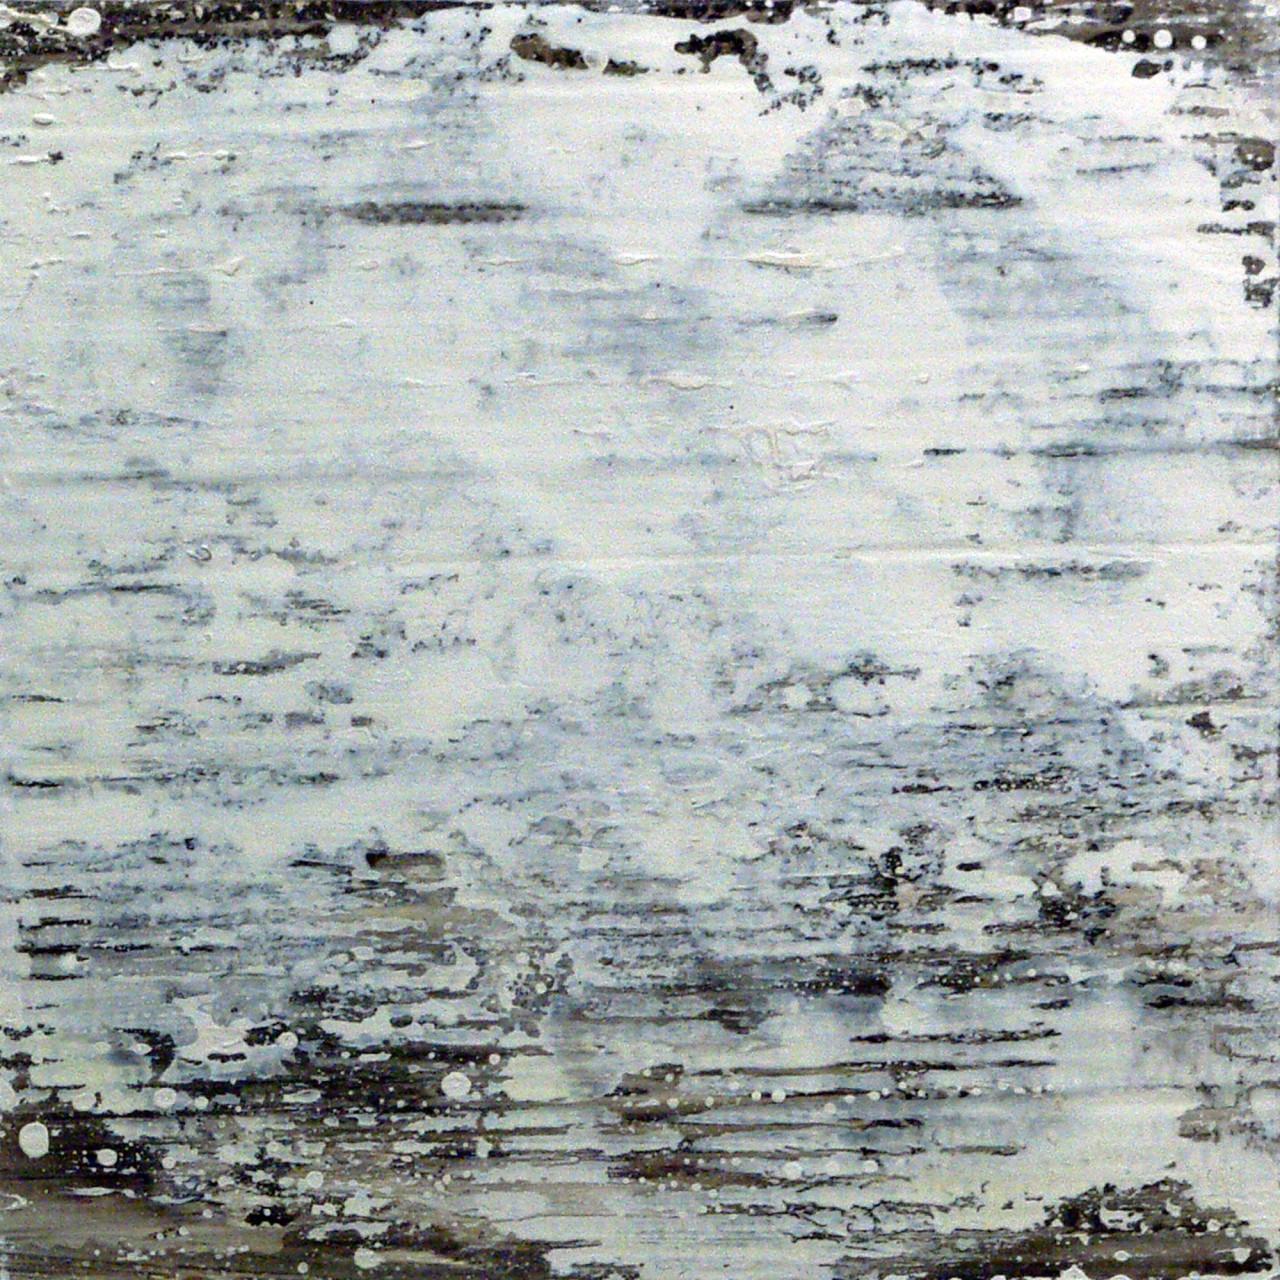 655, 2015 olio e smalto su cartone su tavola 30x30 cm